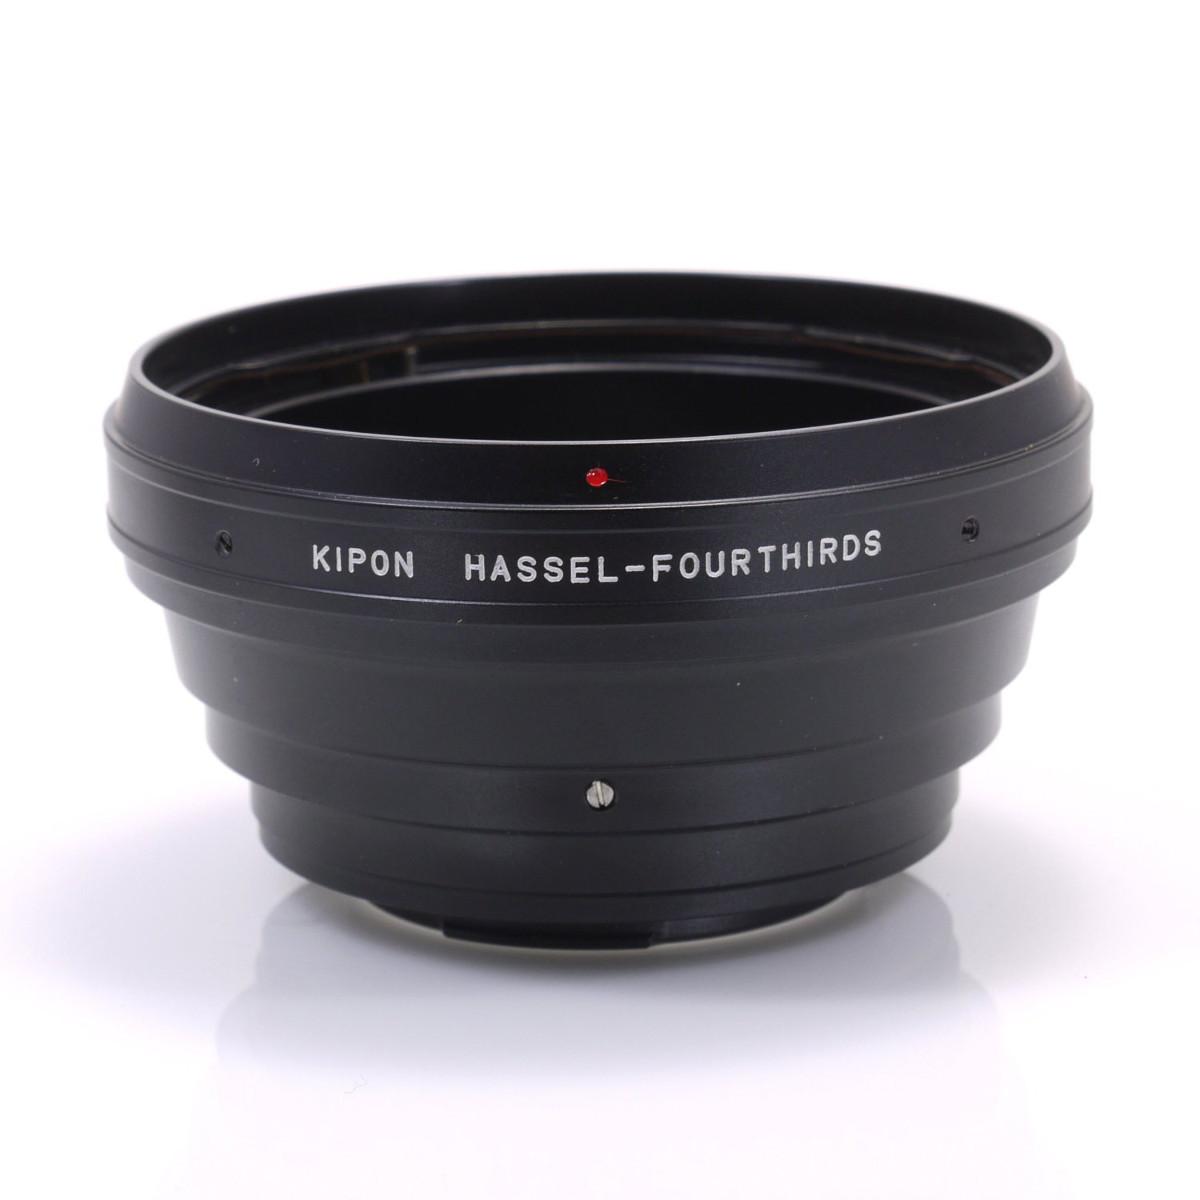 バースデー 記念日 本日の目玉 ギフト 贈物 お勧め 通販 KIPON キポン マウントアダプター HB-4 ハッセルブラッドVマウントレンズ フォーサーズマウントカメラ - 3